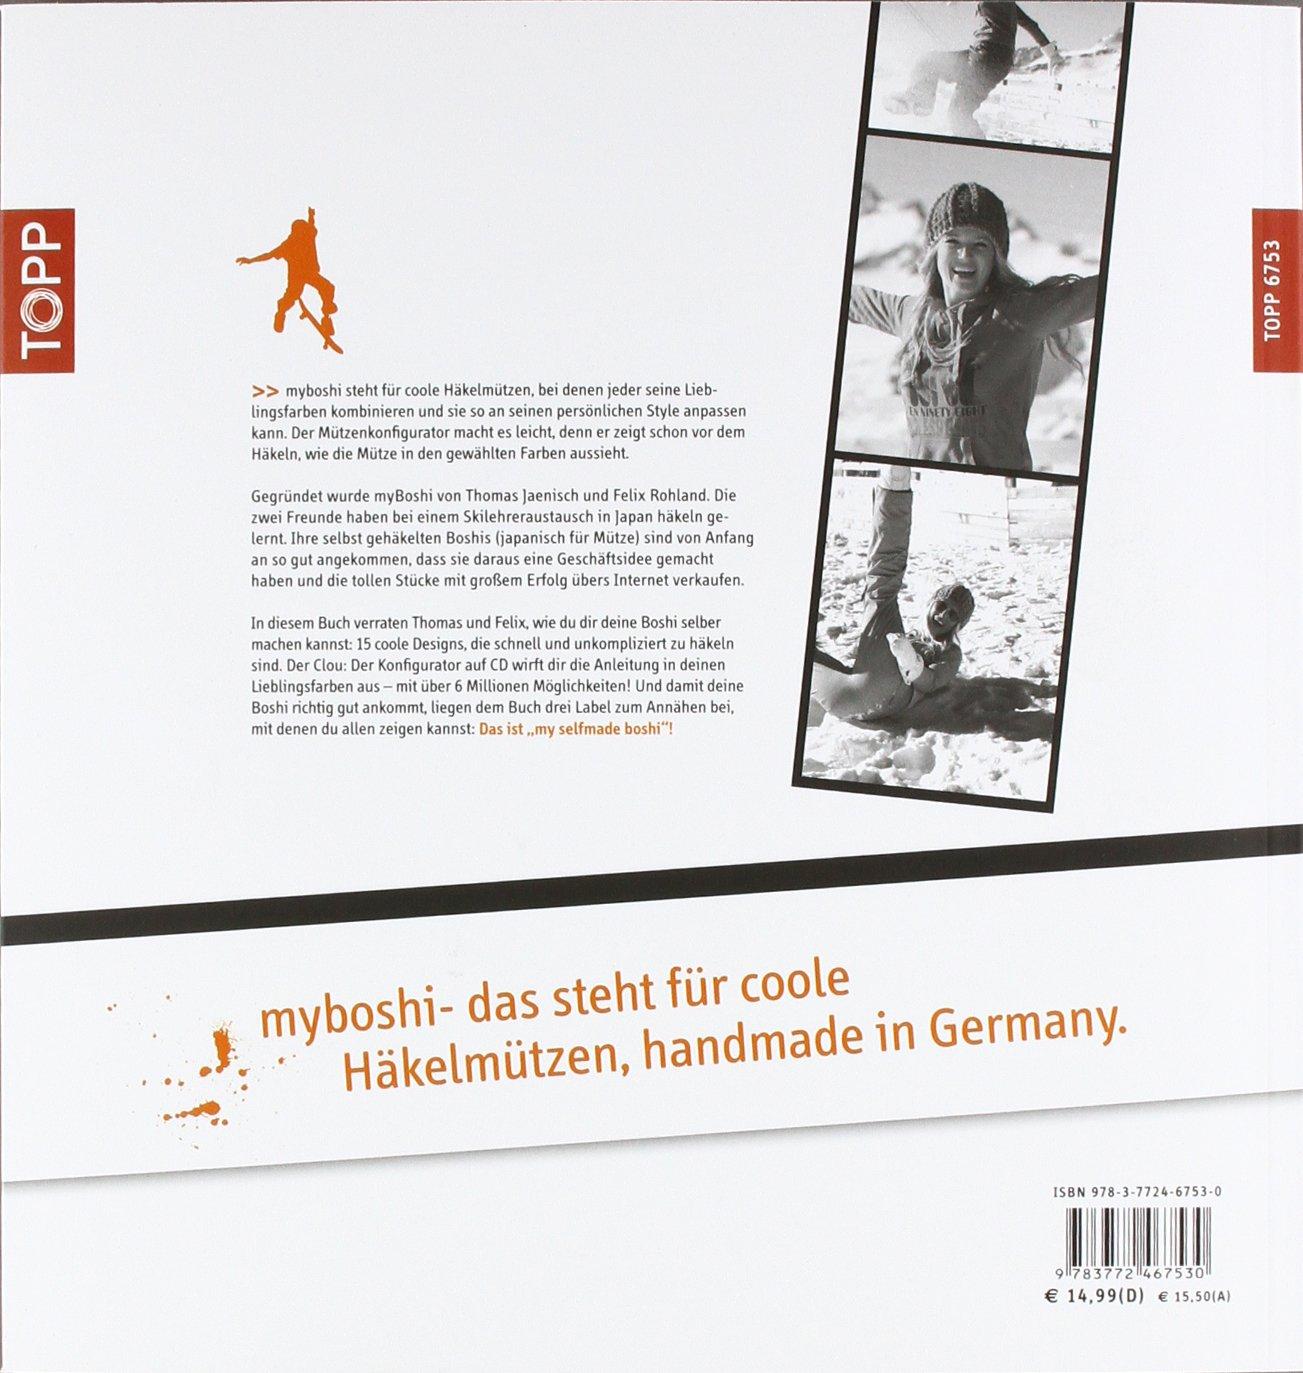 Myboshi Mützenmacher Mützen In Deinem Style Selber Häkeln Amazon